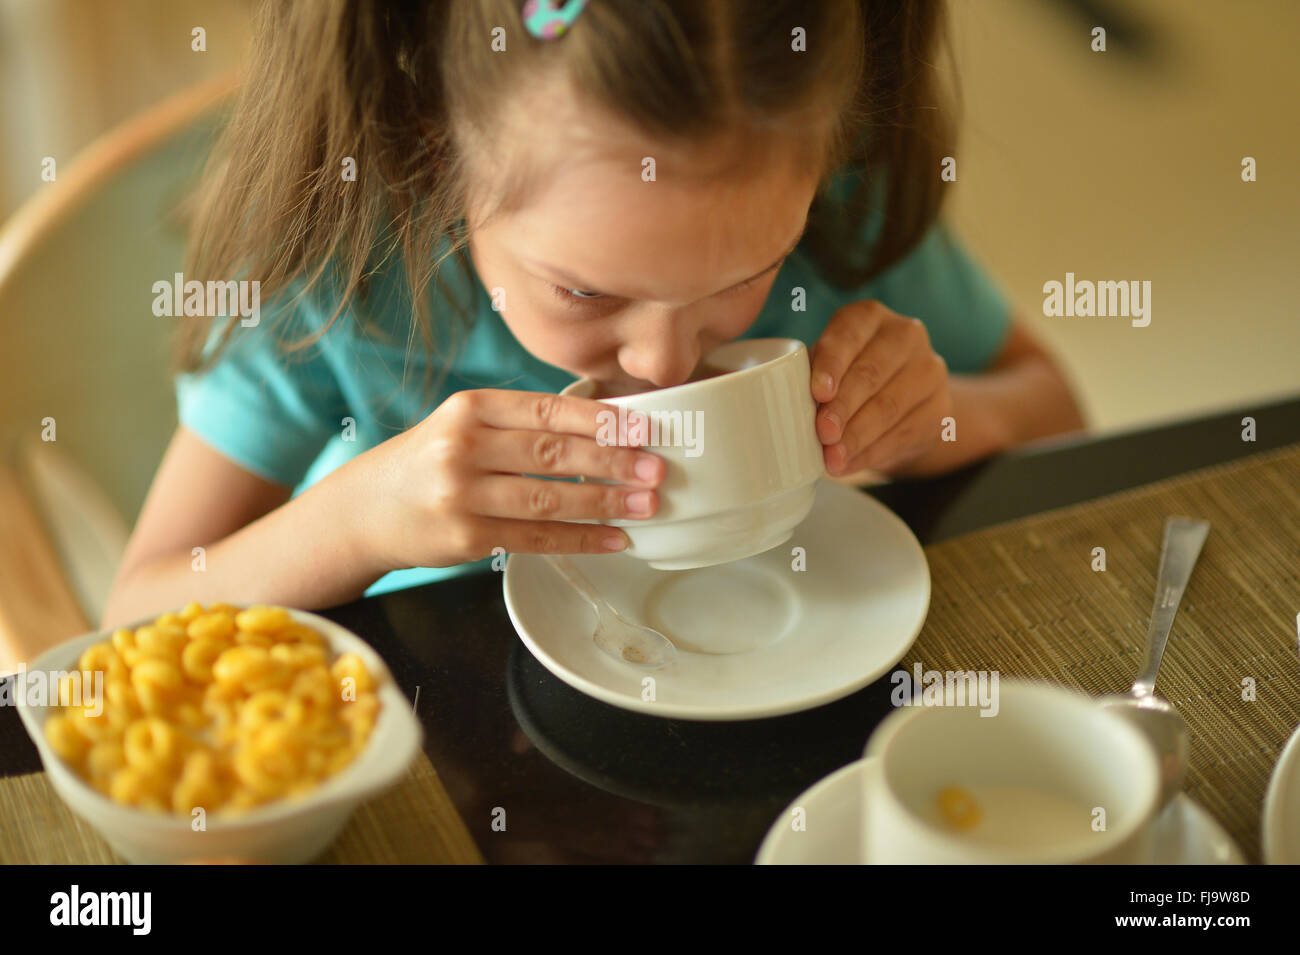 little girl at breakfast - Stock Image